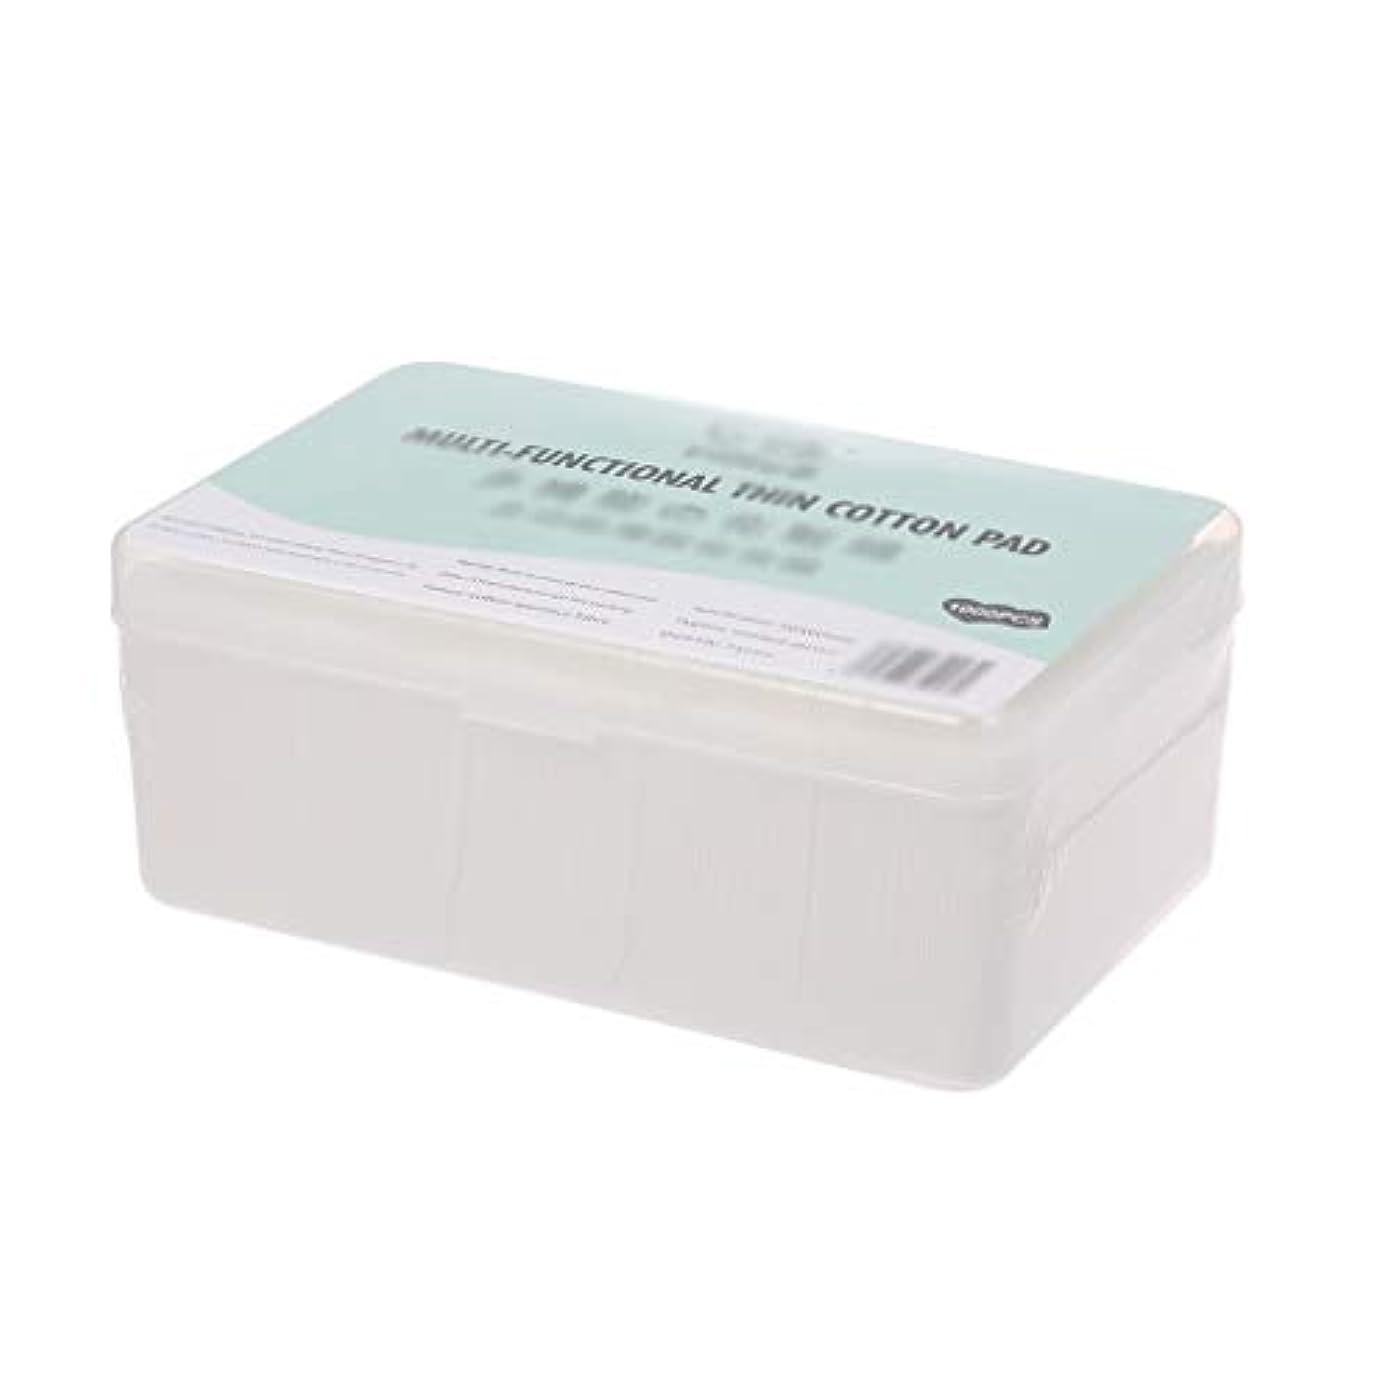 屋内で症状衝突コースクレンジングシート 1000ピース箱入り使い捨て超薄型コットンメイク落としネイルポリッシュリムーバークレンジングティッシュペーパーペーパー (Color : White, サイズ : 5*6cm)